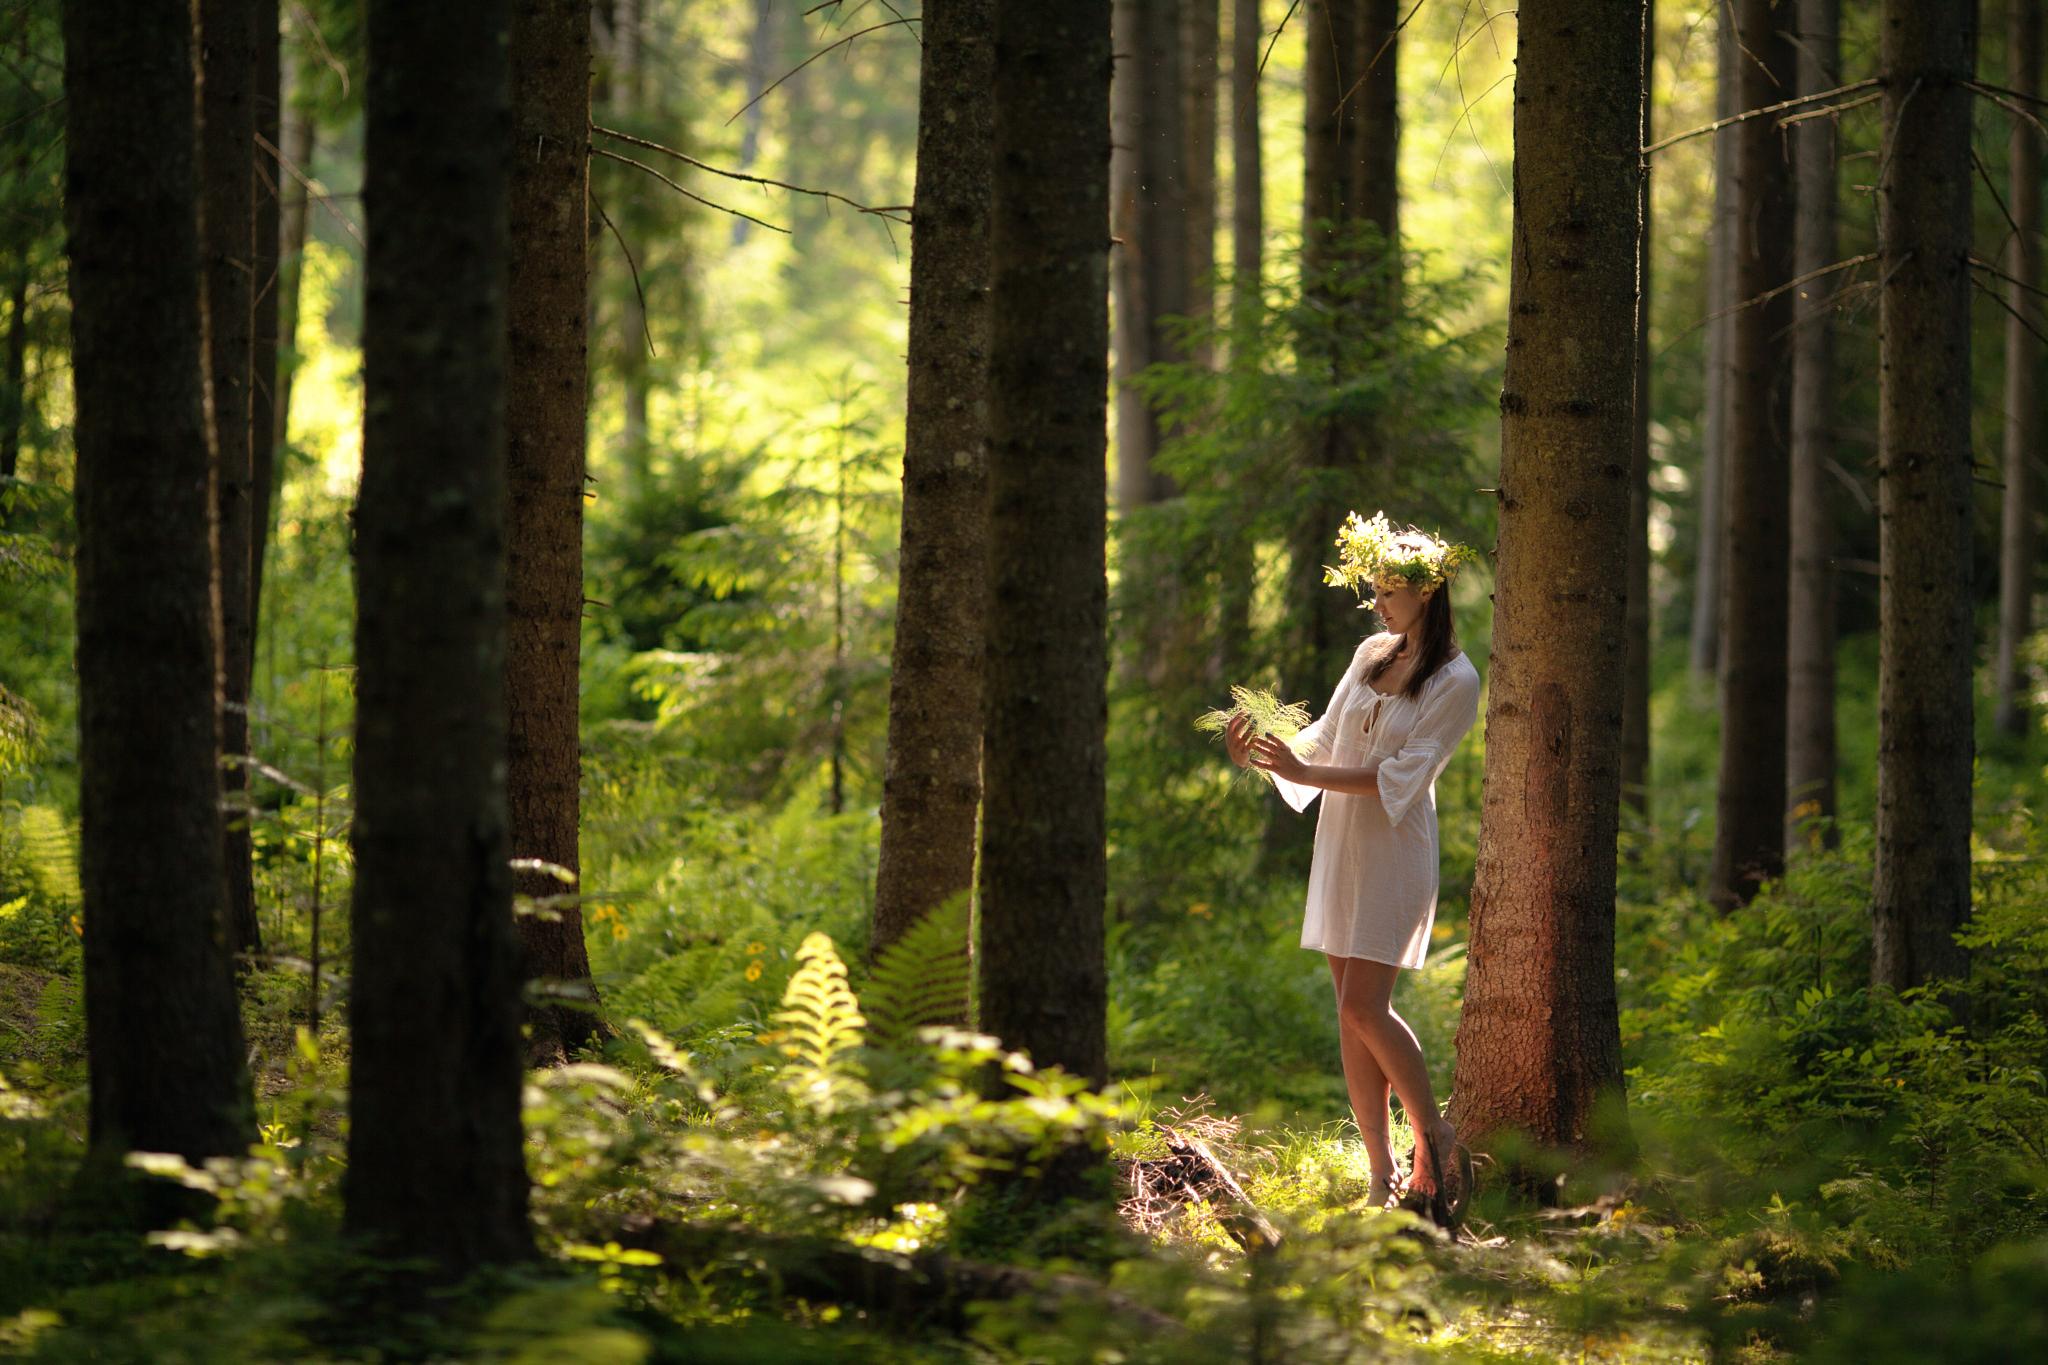 s-zhenshinoy-v-lesu-video